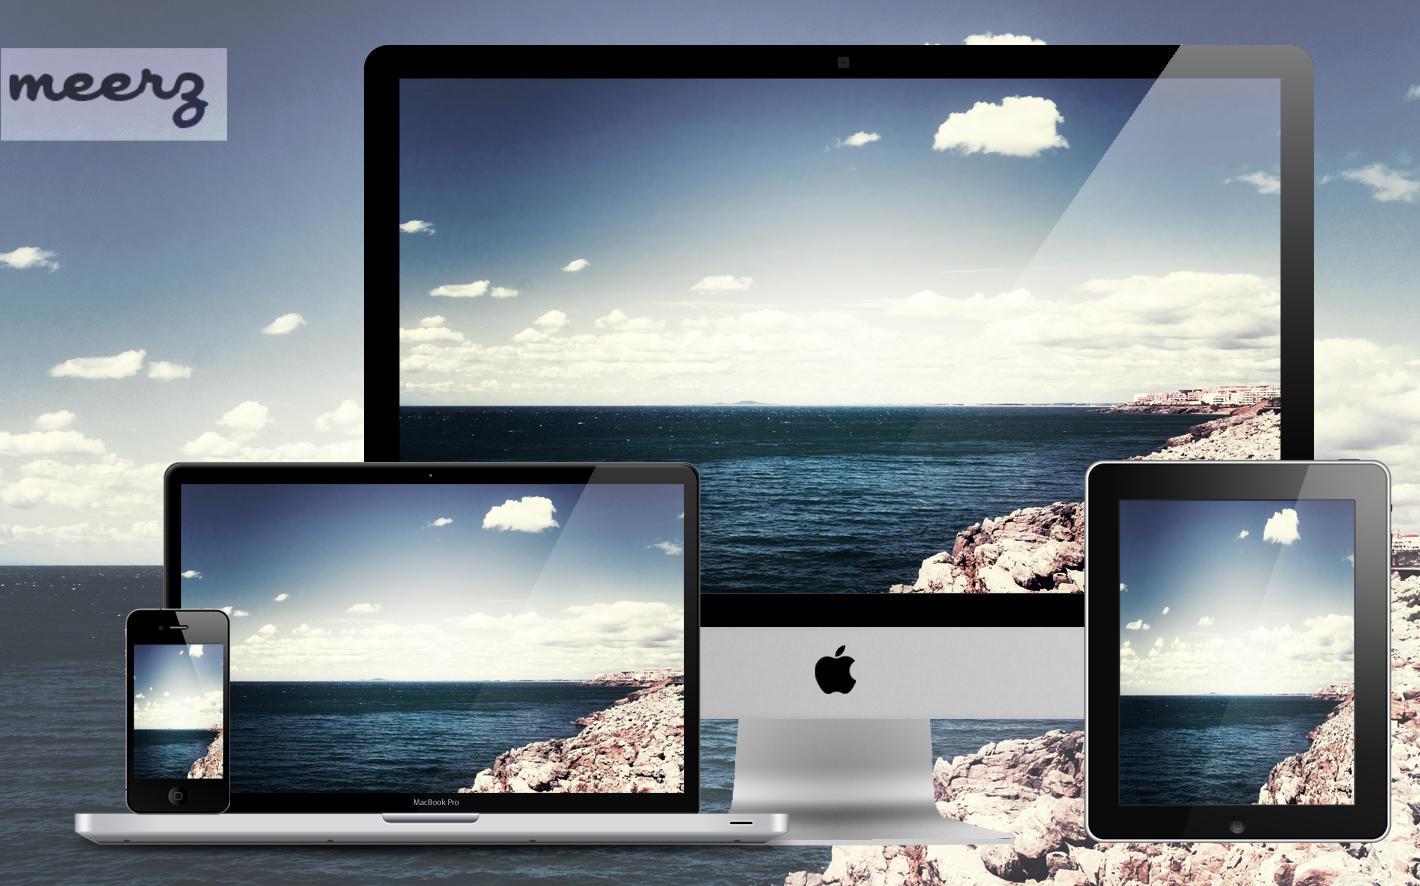 Wallpaper 11B - Rocks on Beach by xmeerzx